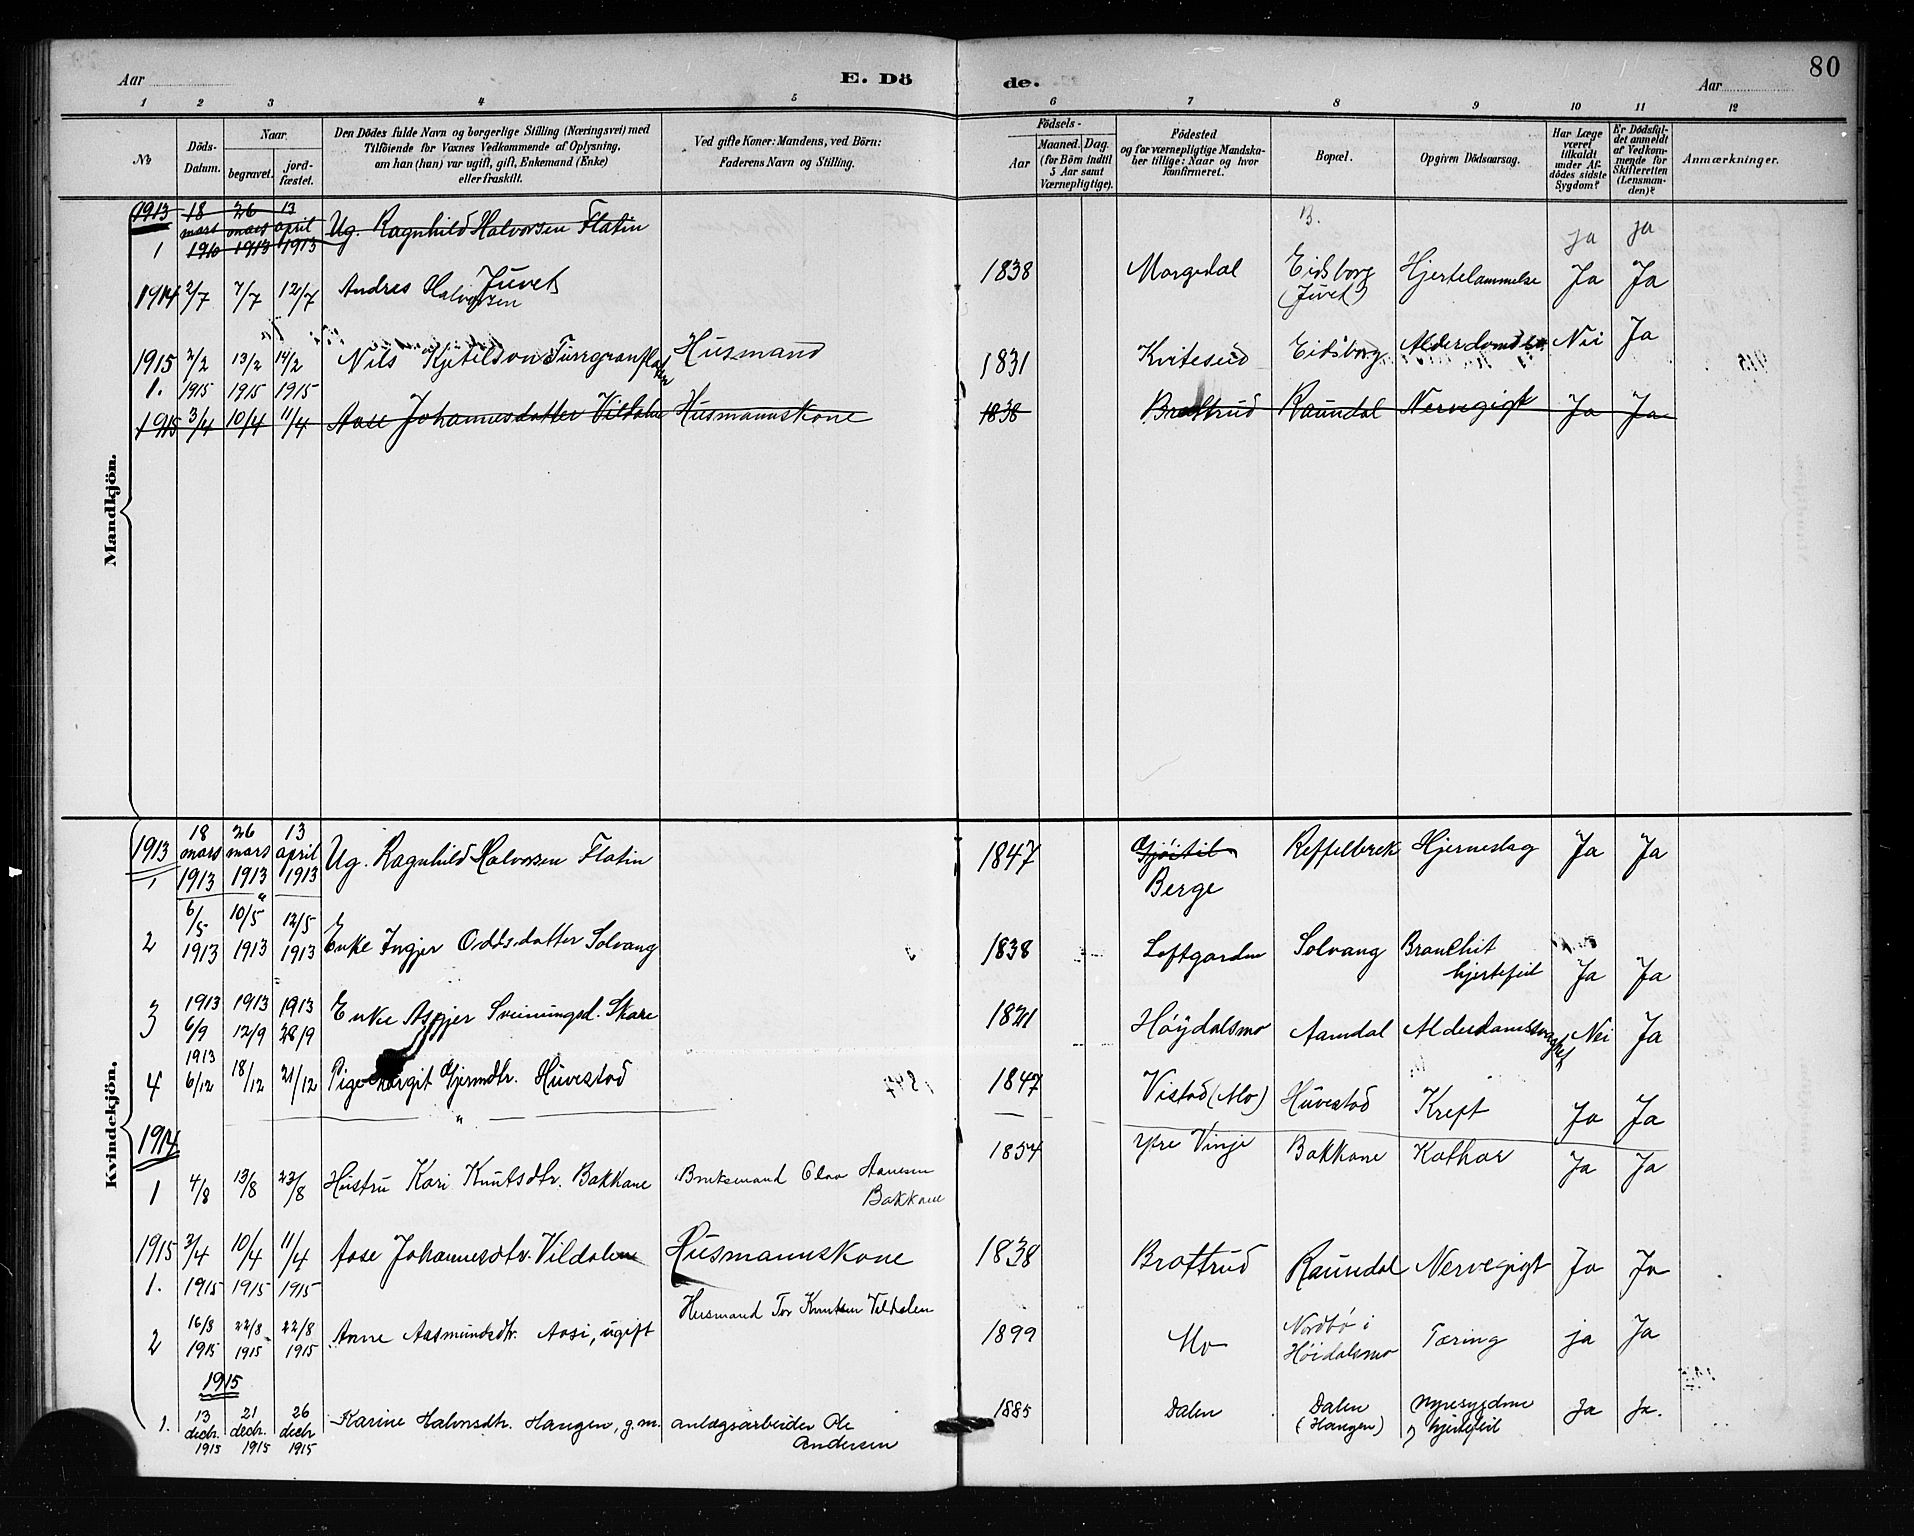 SAKO, Lårdal kirkebøker, G/Gb/L0003: Parish register (copy) no. II 3, 1889-1920, p. 80